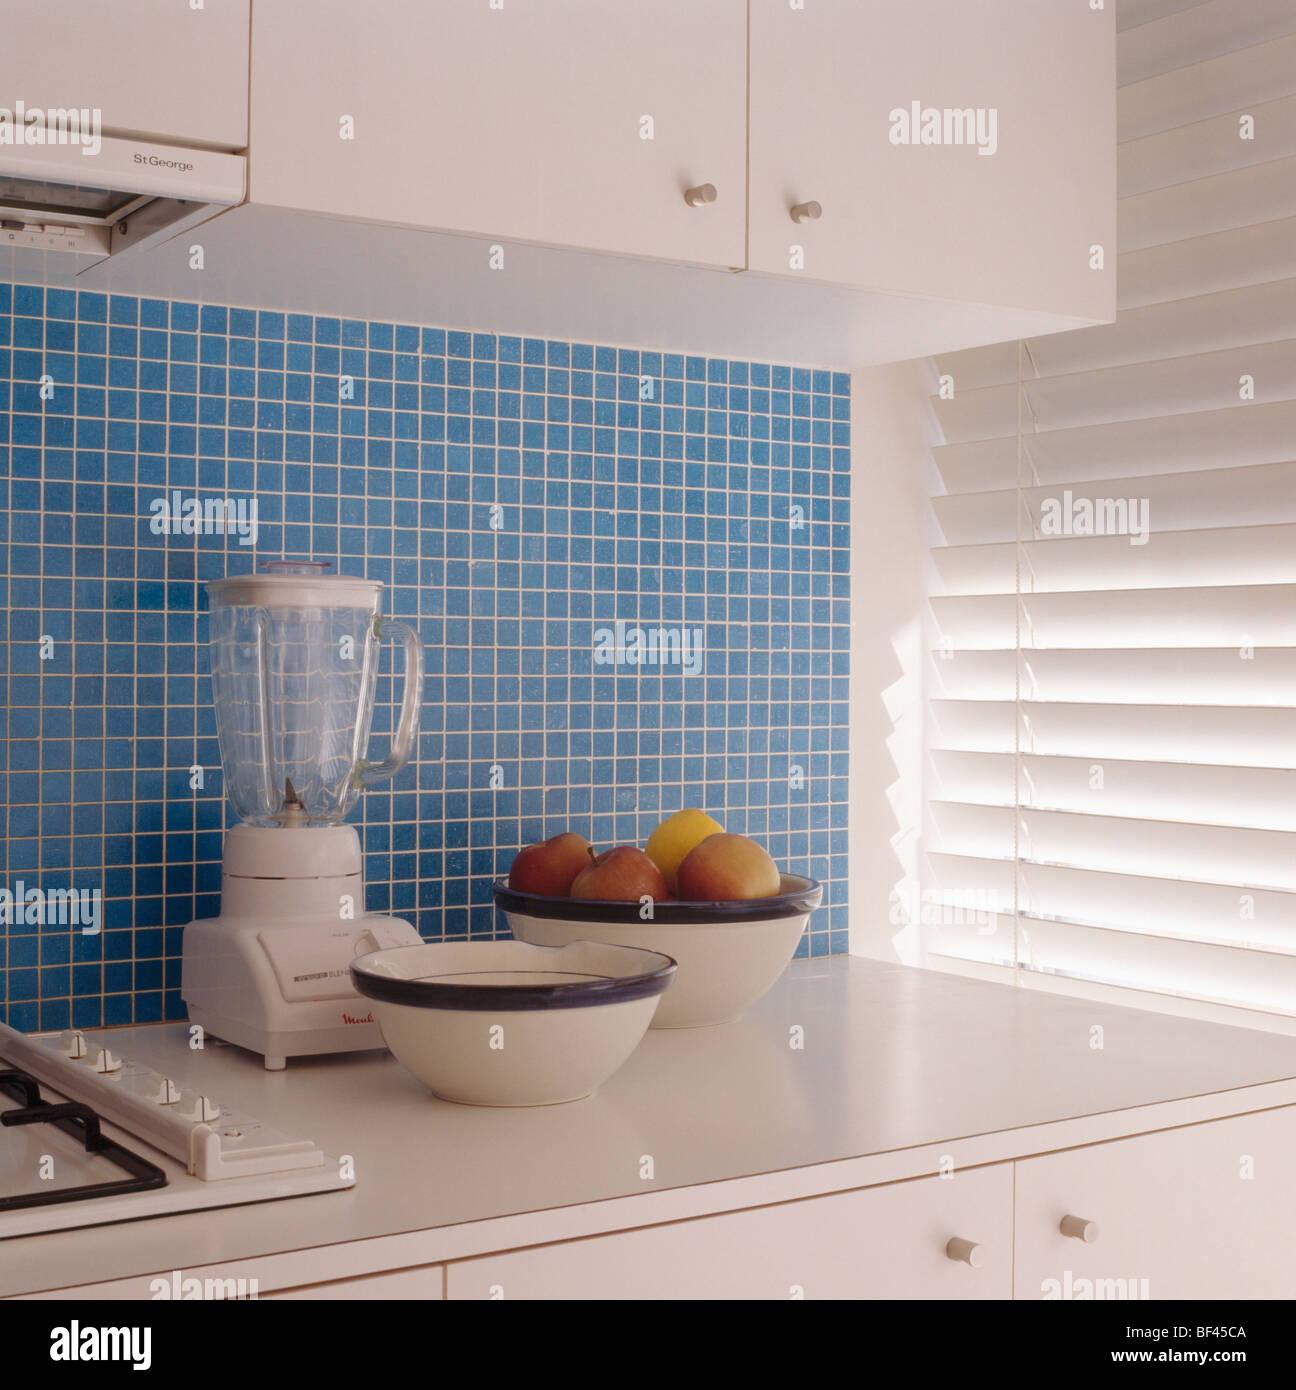 Gut Elektrischen Mixer Und Blaue + Weiße Schalen Auf Weiße Arbeitsplatte Unter  Blauen Mosaikfliesen Splash Rücken In Modernen Küche